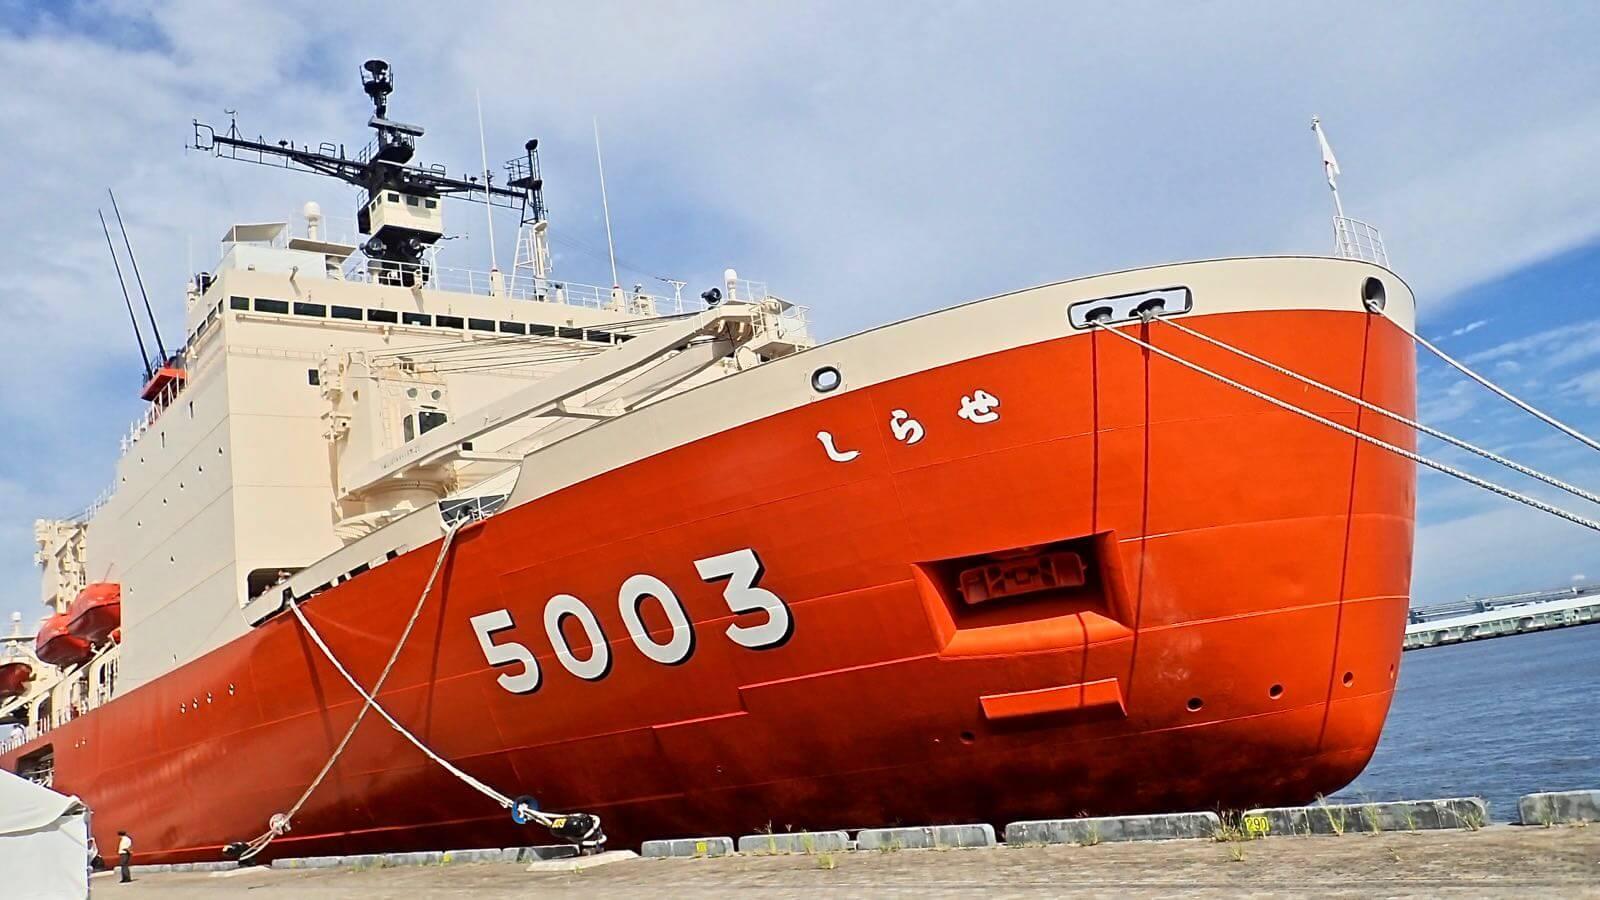 [0205] 『南極観測船 しらせ』を見学に行こう!!『その1』大さん橋 送迎デッキから見る、しらせに大興奮!!